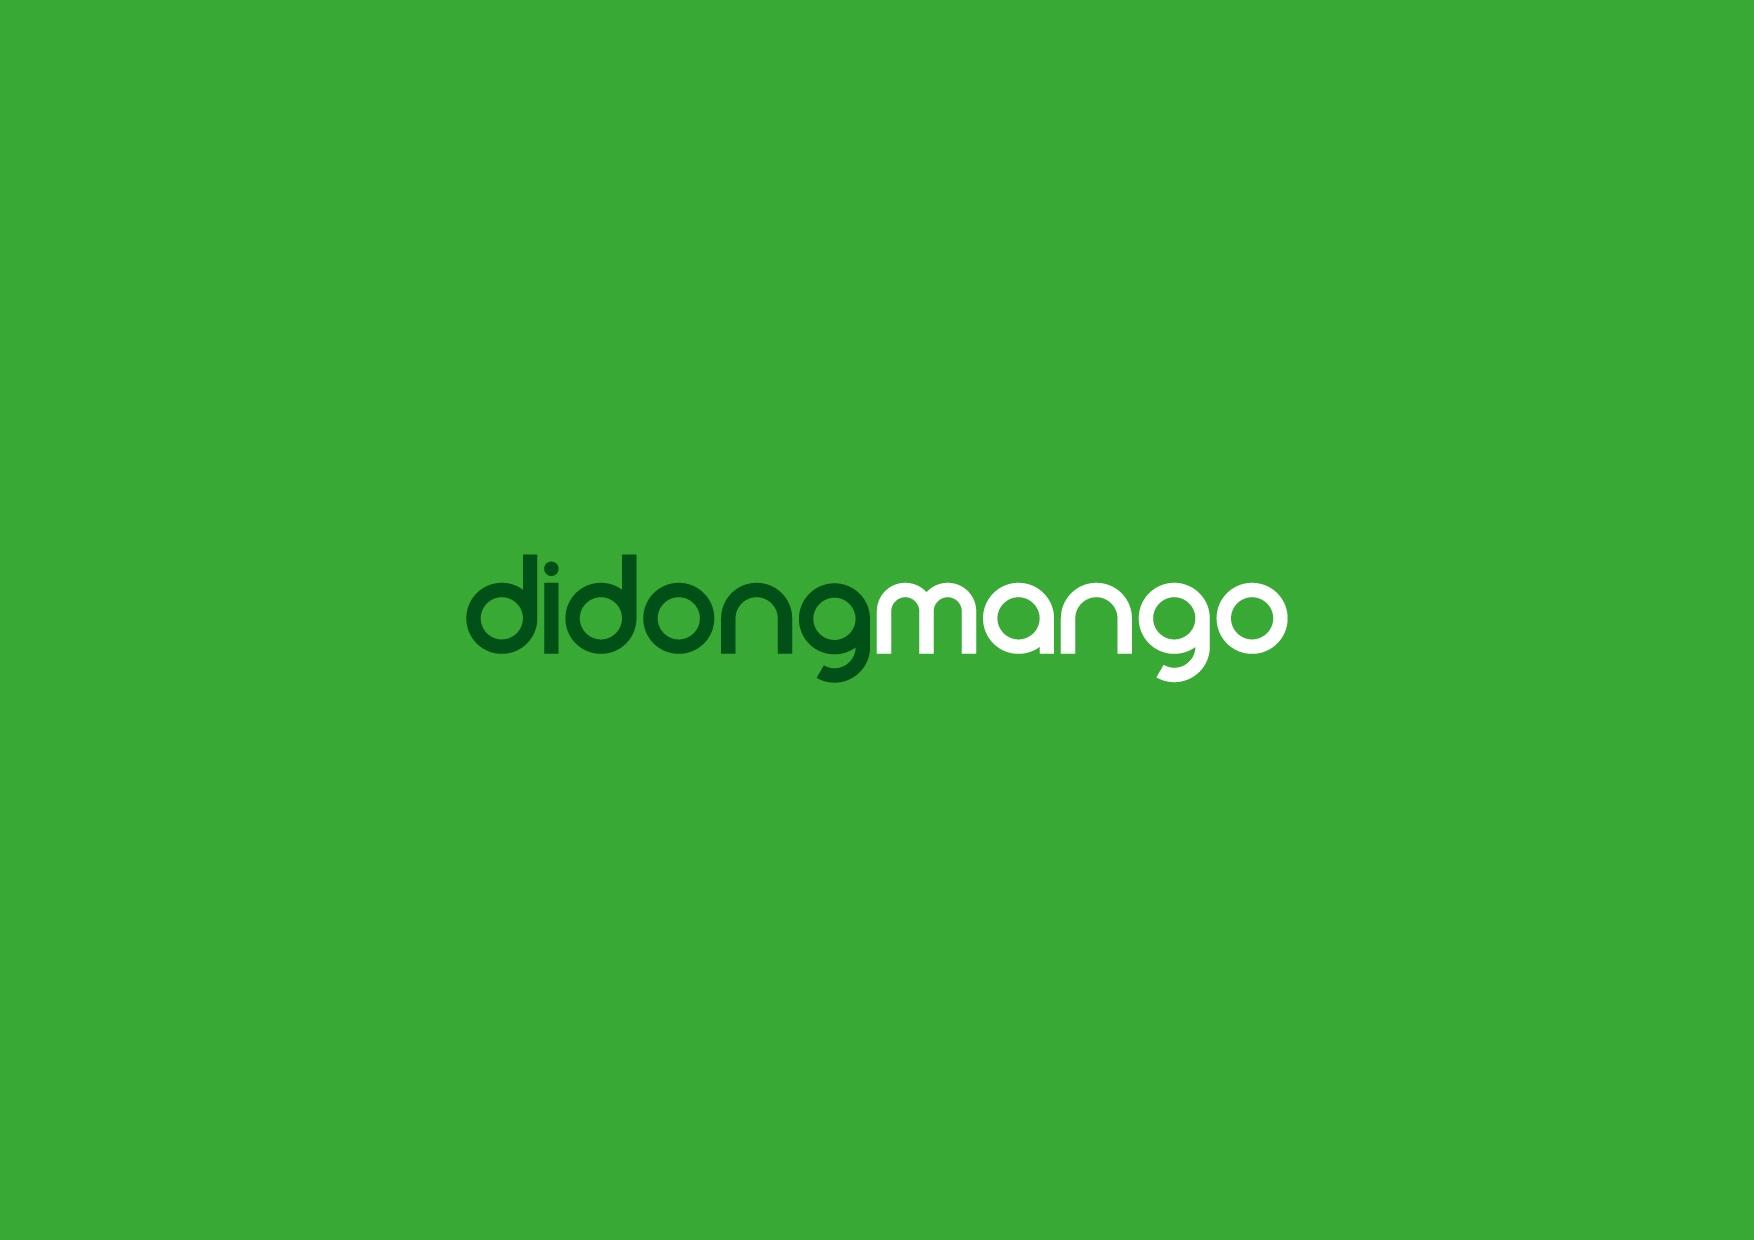 Logo didongmango